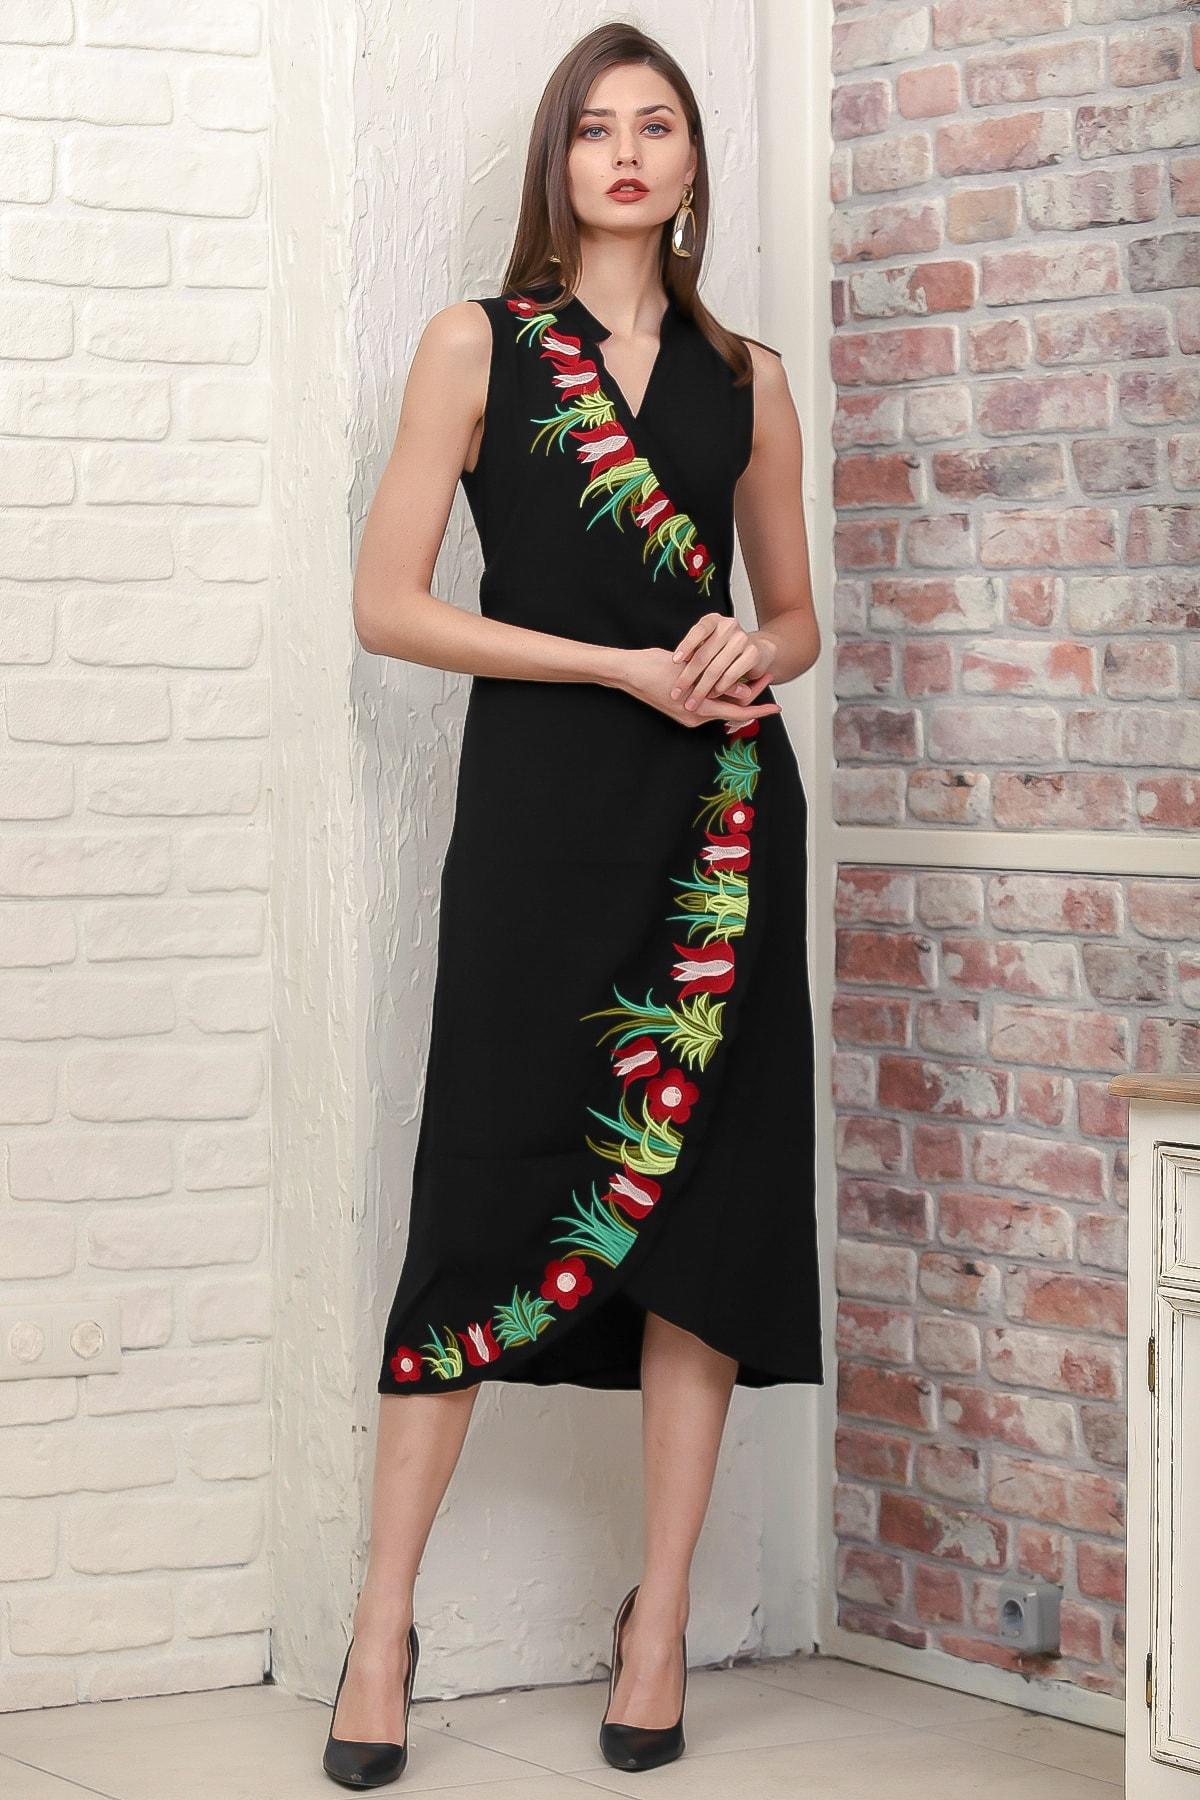 Chiccy Kadın Siyah Kruvaze Lale Nakışlı Ayaklı Yakalı Anvelop Kuşaklı Dokuma Elbise M10160000EL95887